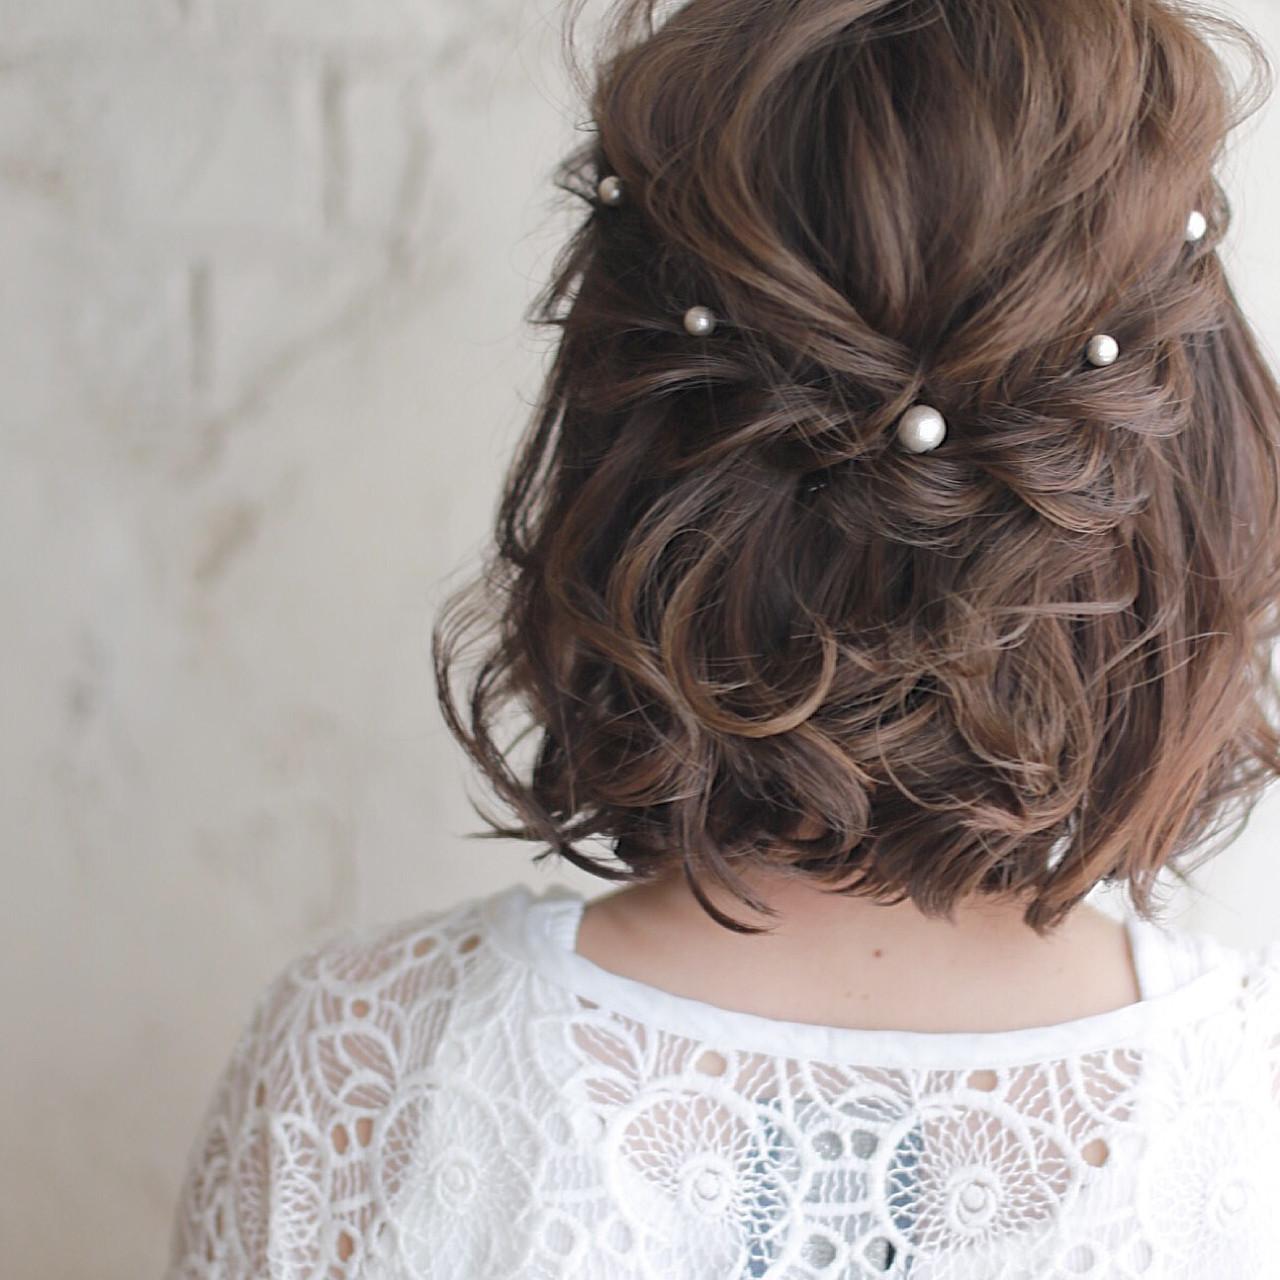 【髪型に迷う女子必見!】流行りの髪型でおしゃれ女子に変身♡の26枚目の画像